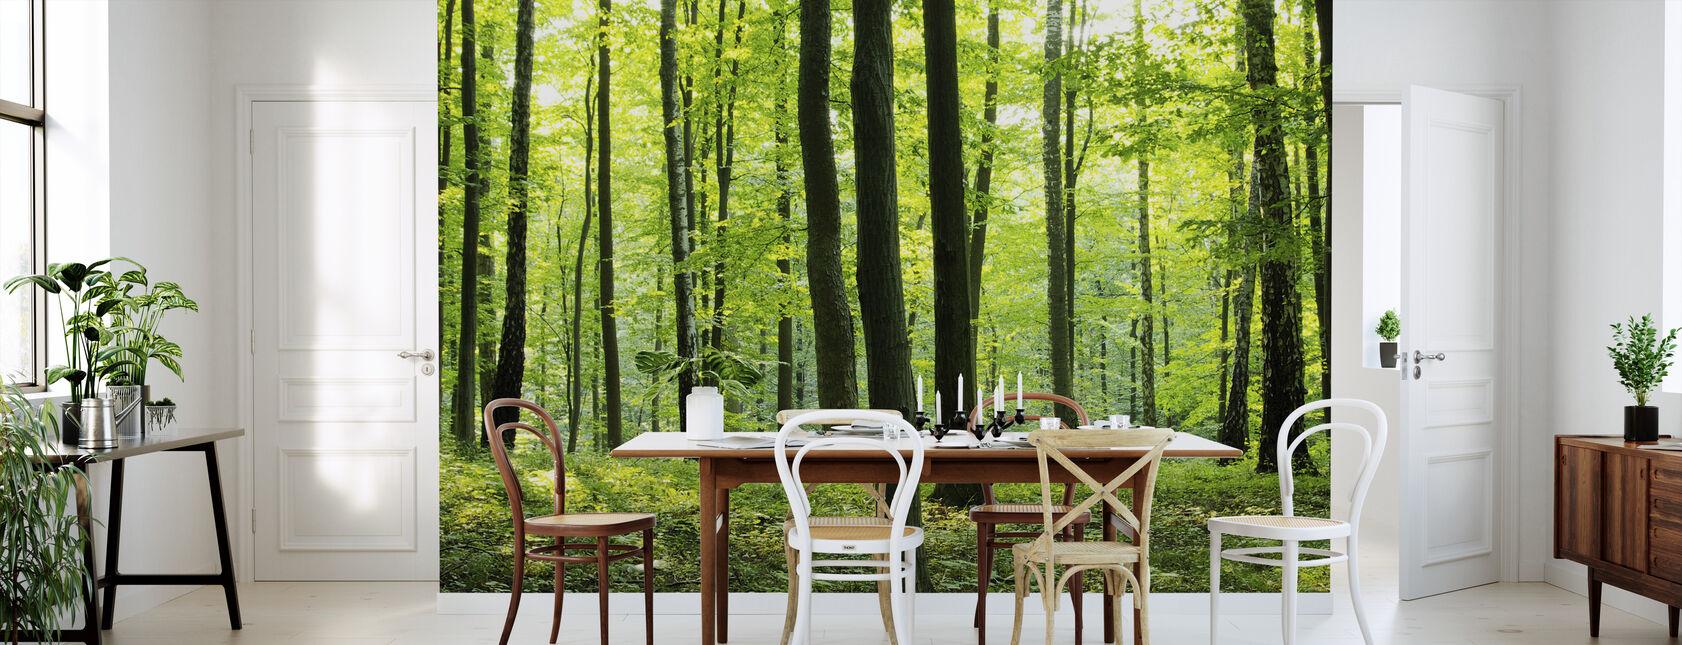 Skove og skovomr der fototapeter af h j kvalitet photowall for Area 604